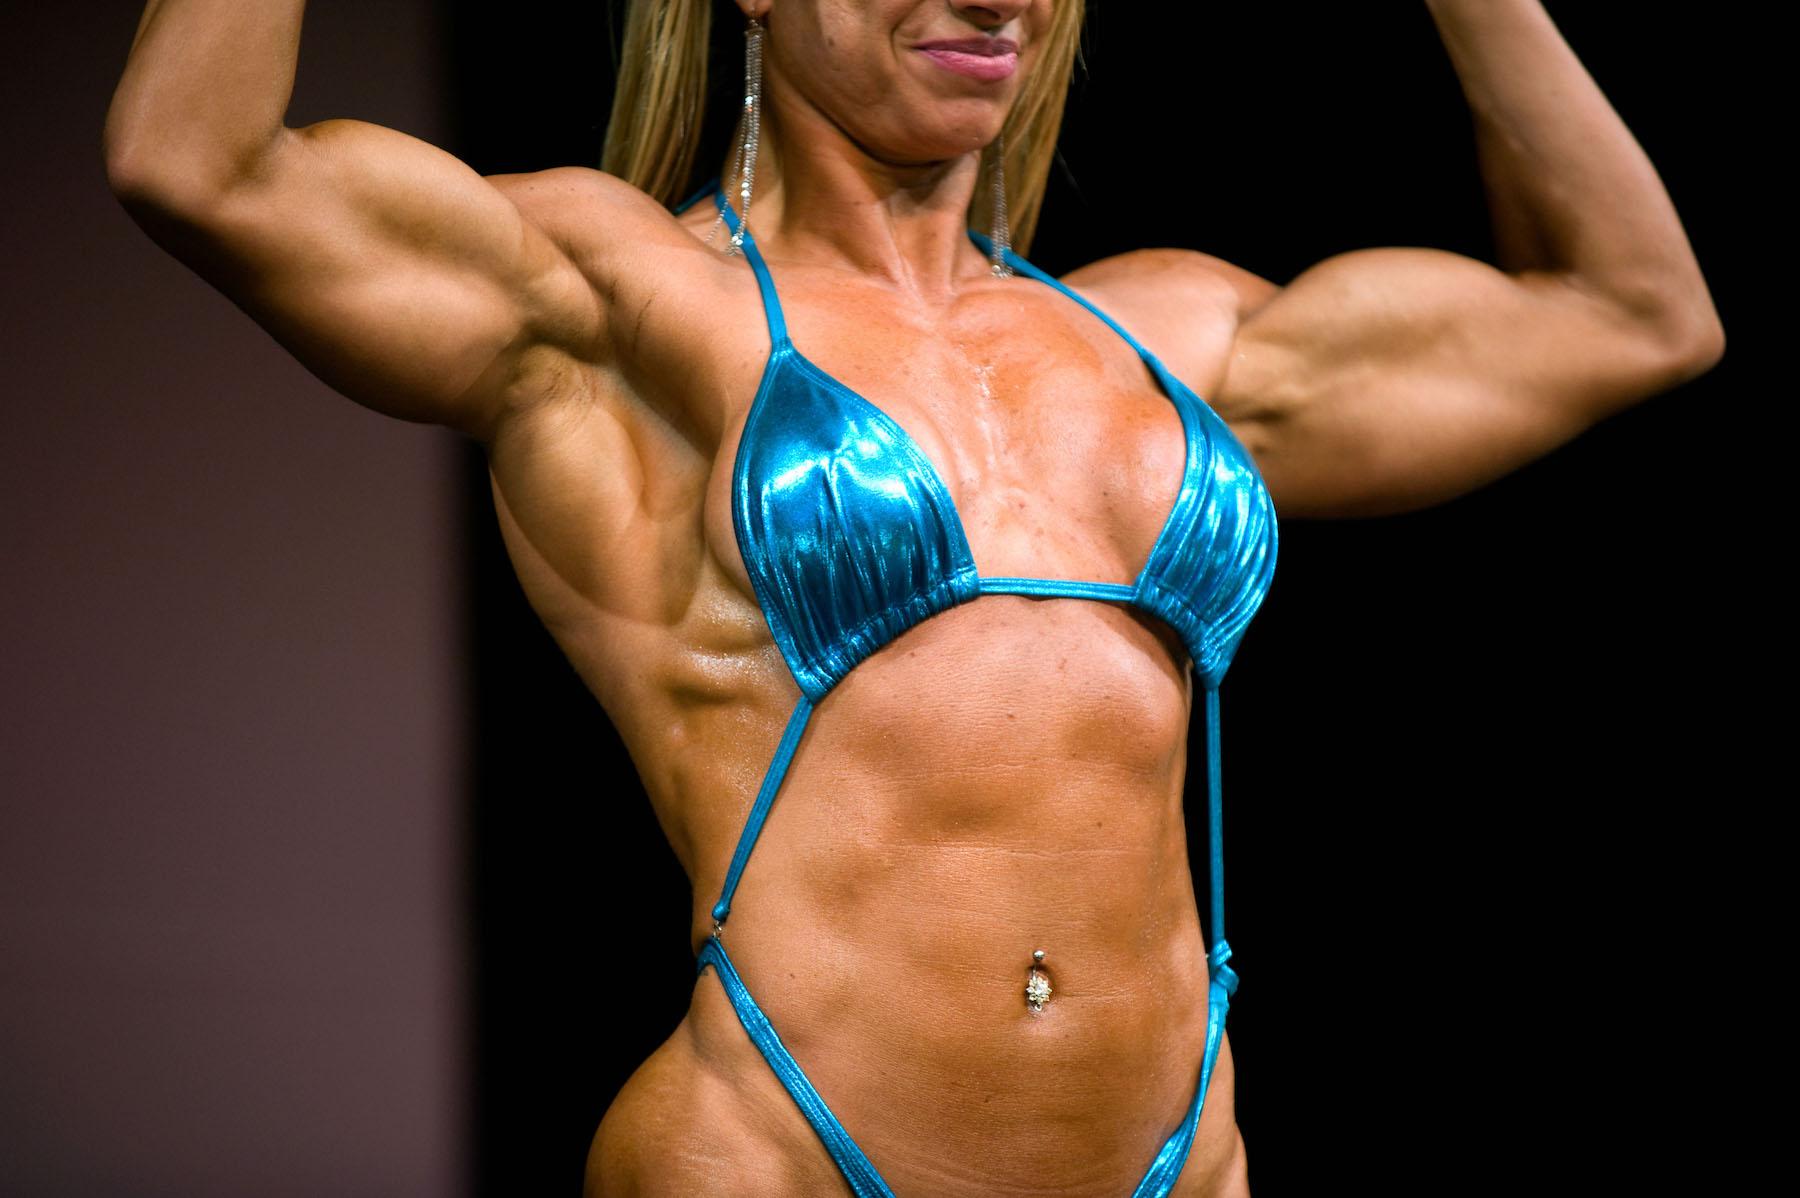 Body builder female fetish